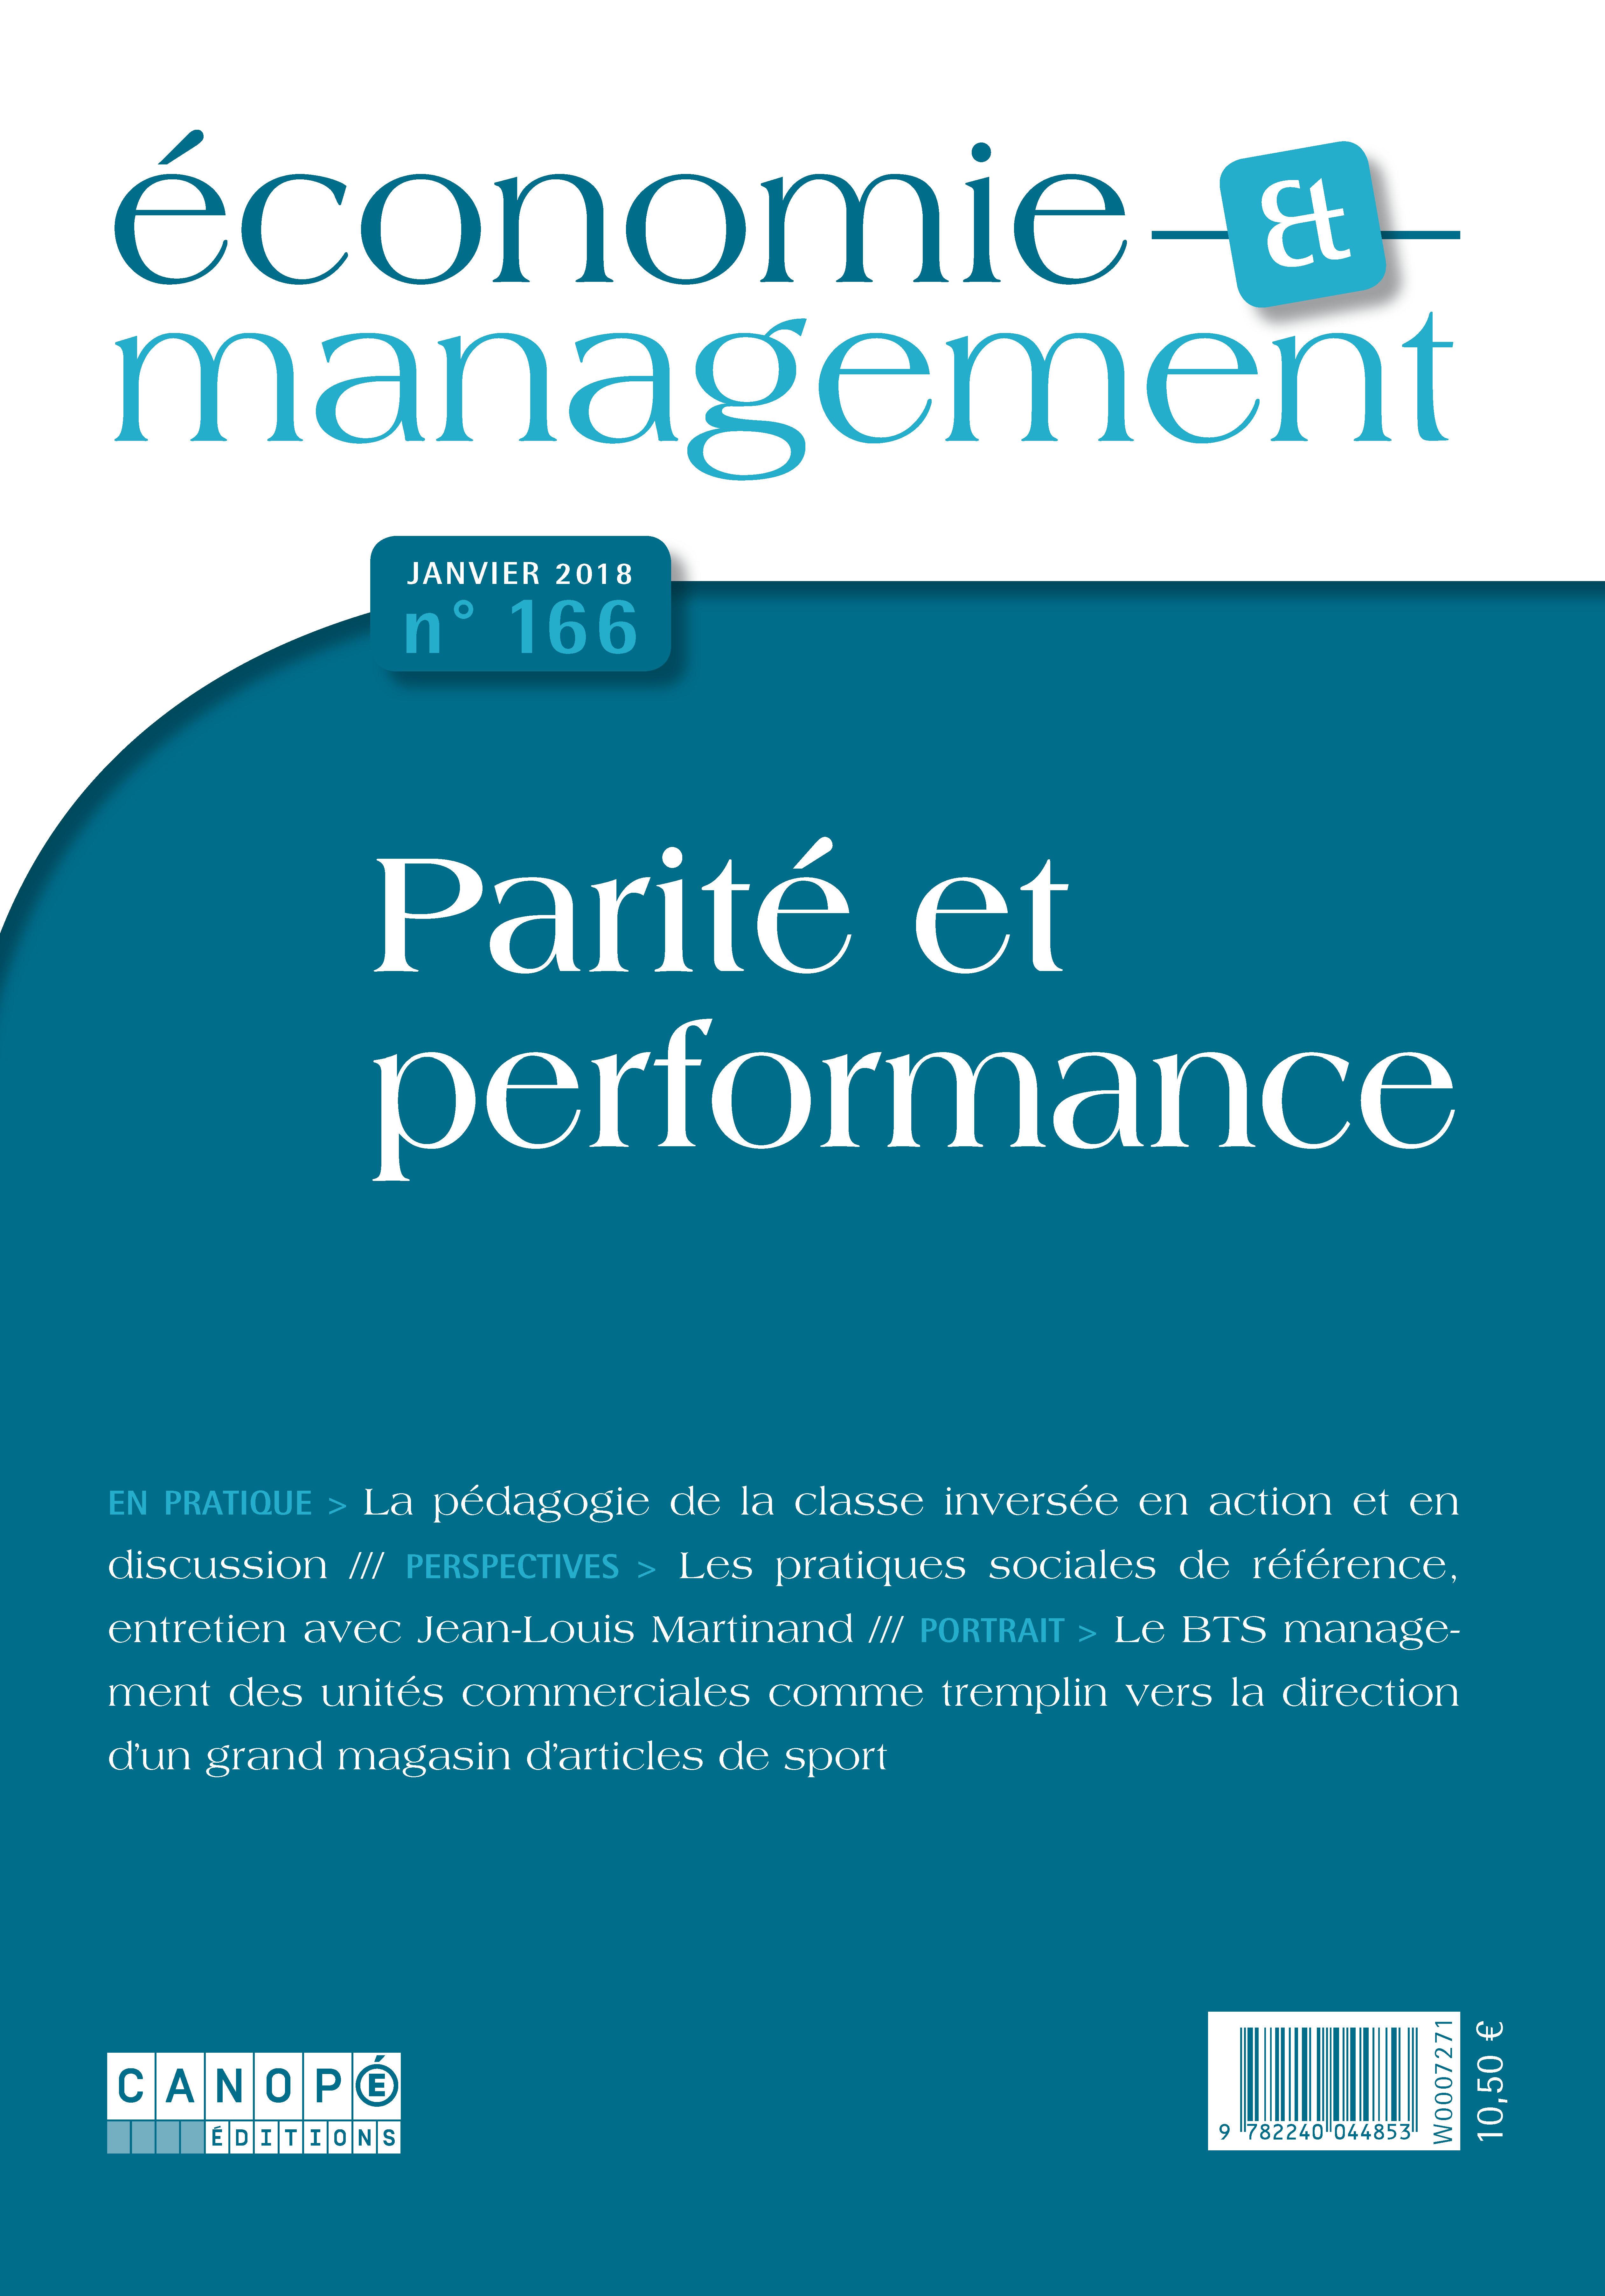 Economie et Management n°166- Présentation du numéro 405116c1354